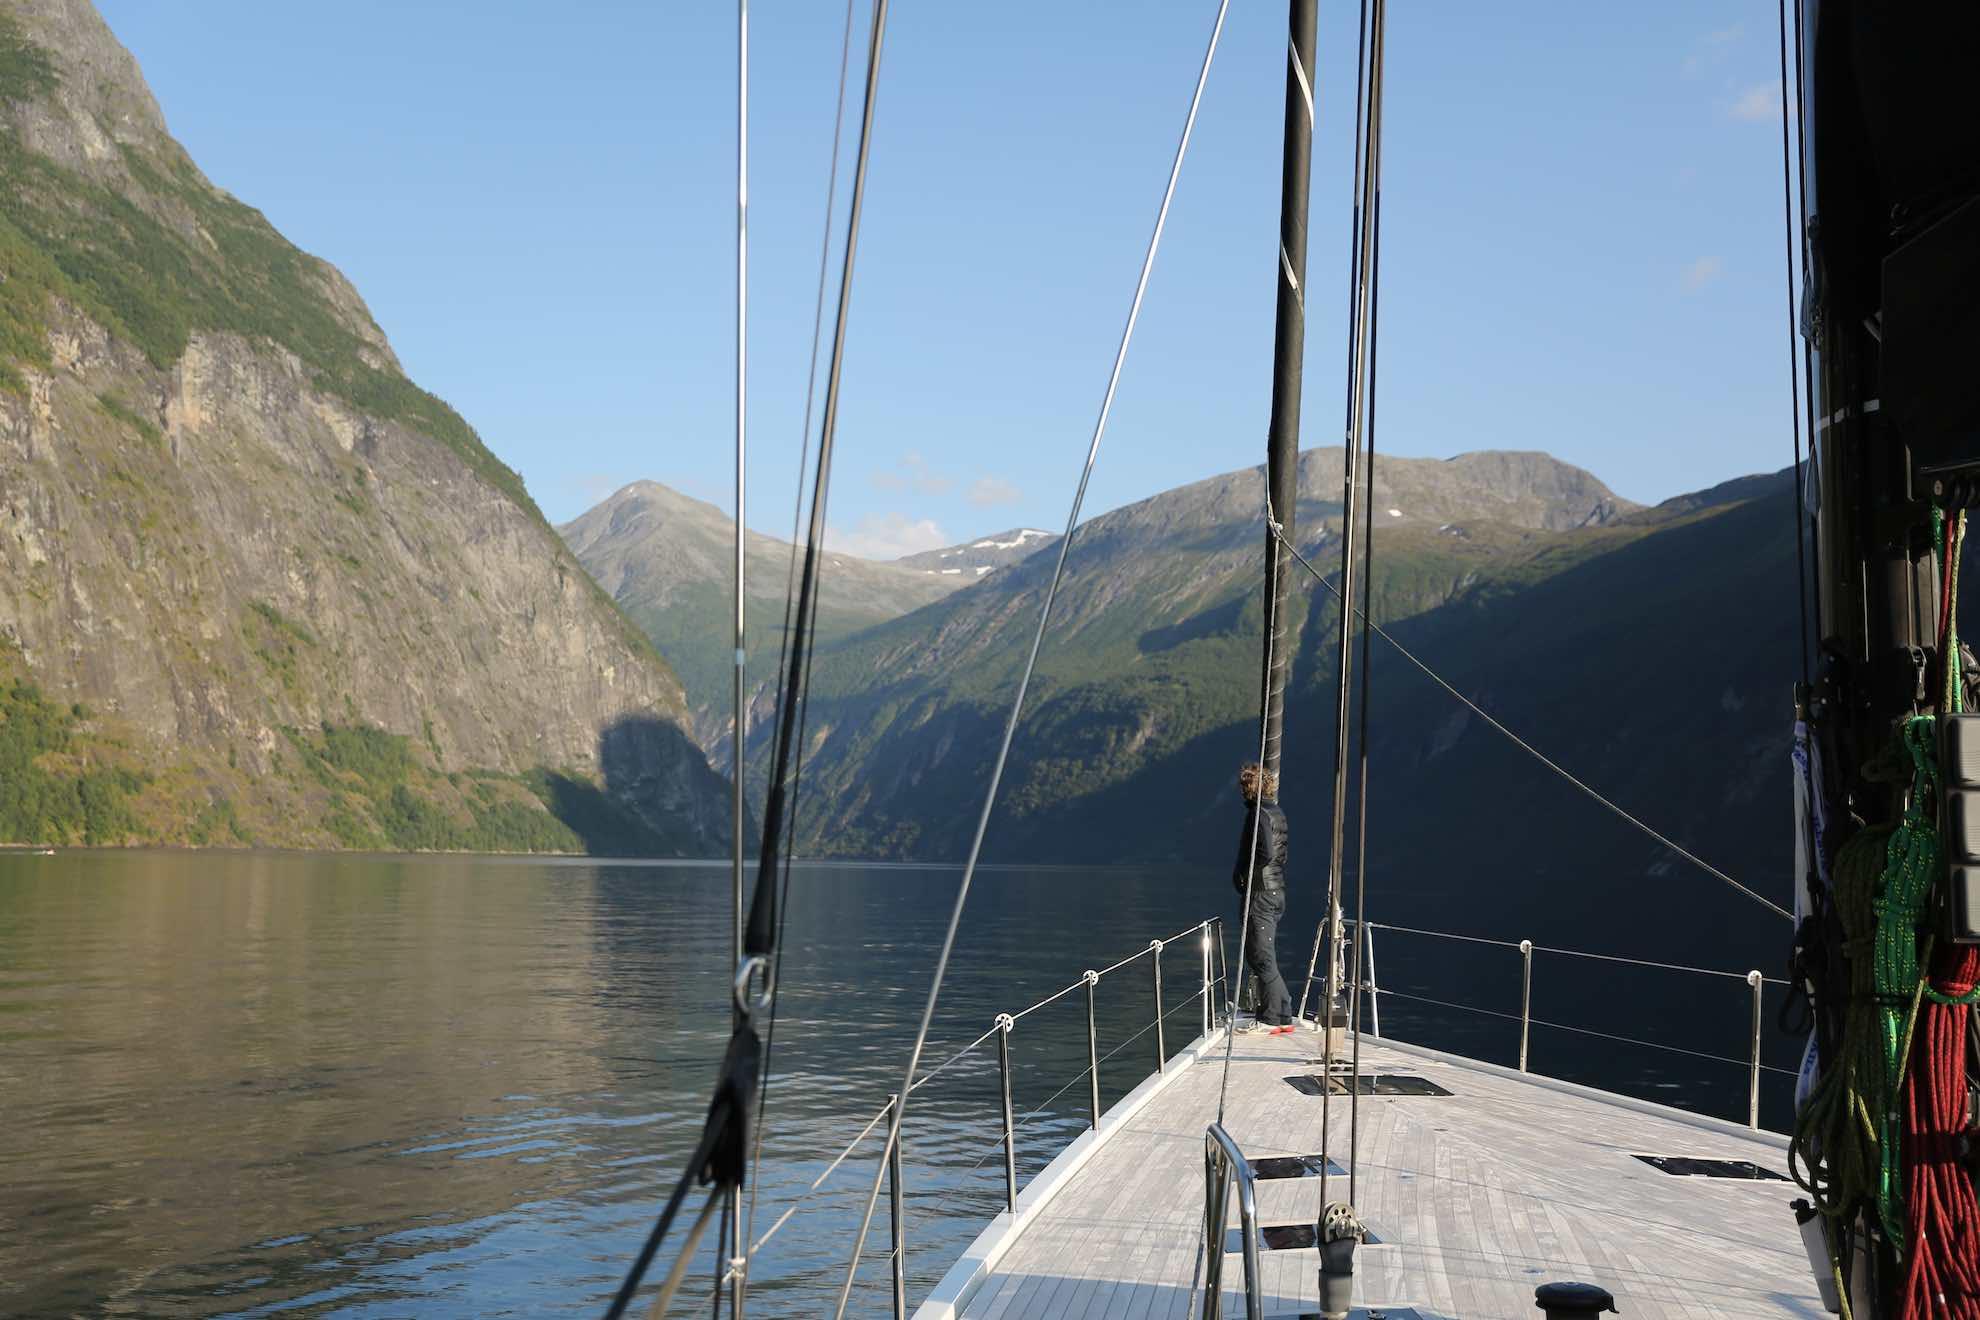 Der Fjord gehört seit 2005 zum UNESCO-Weltkulturerbe.